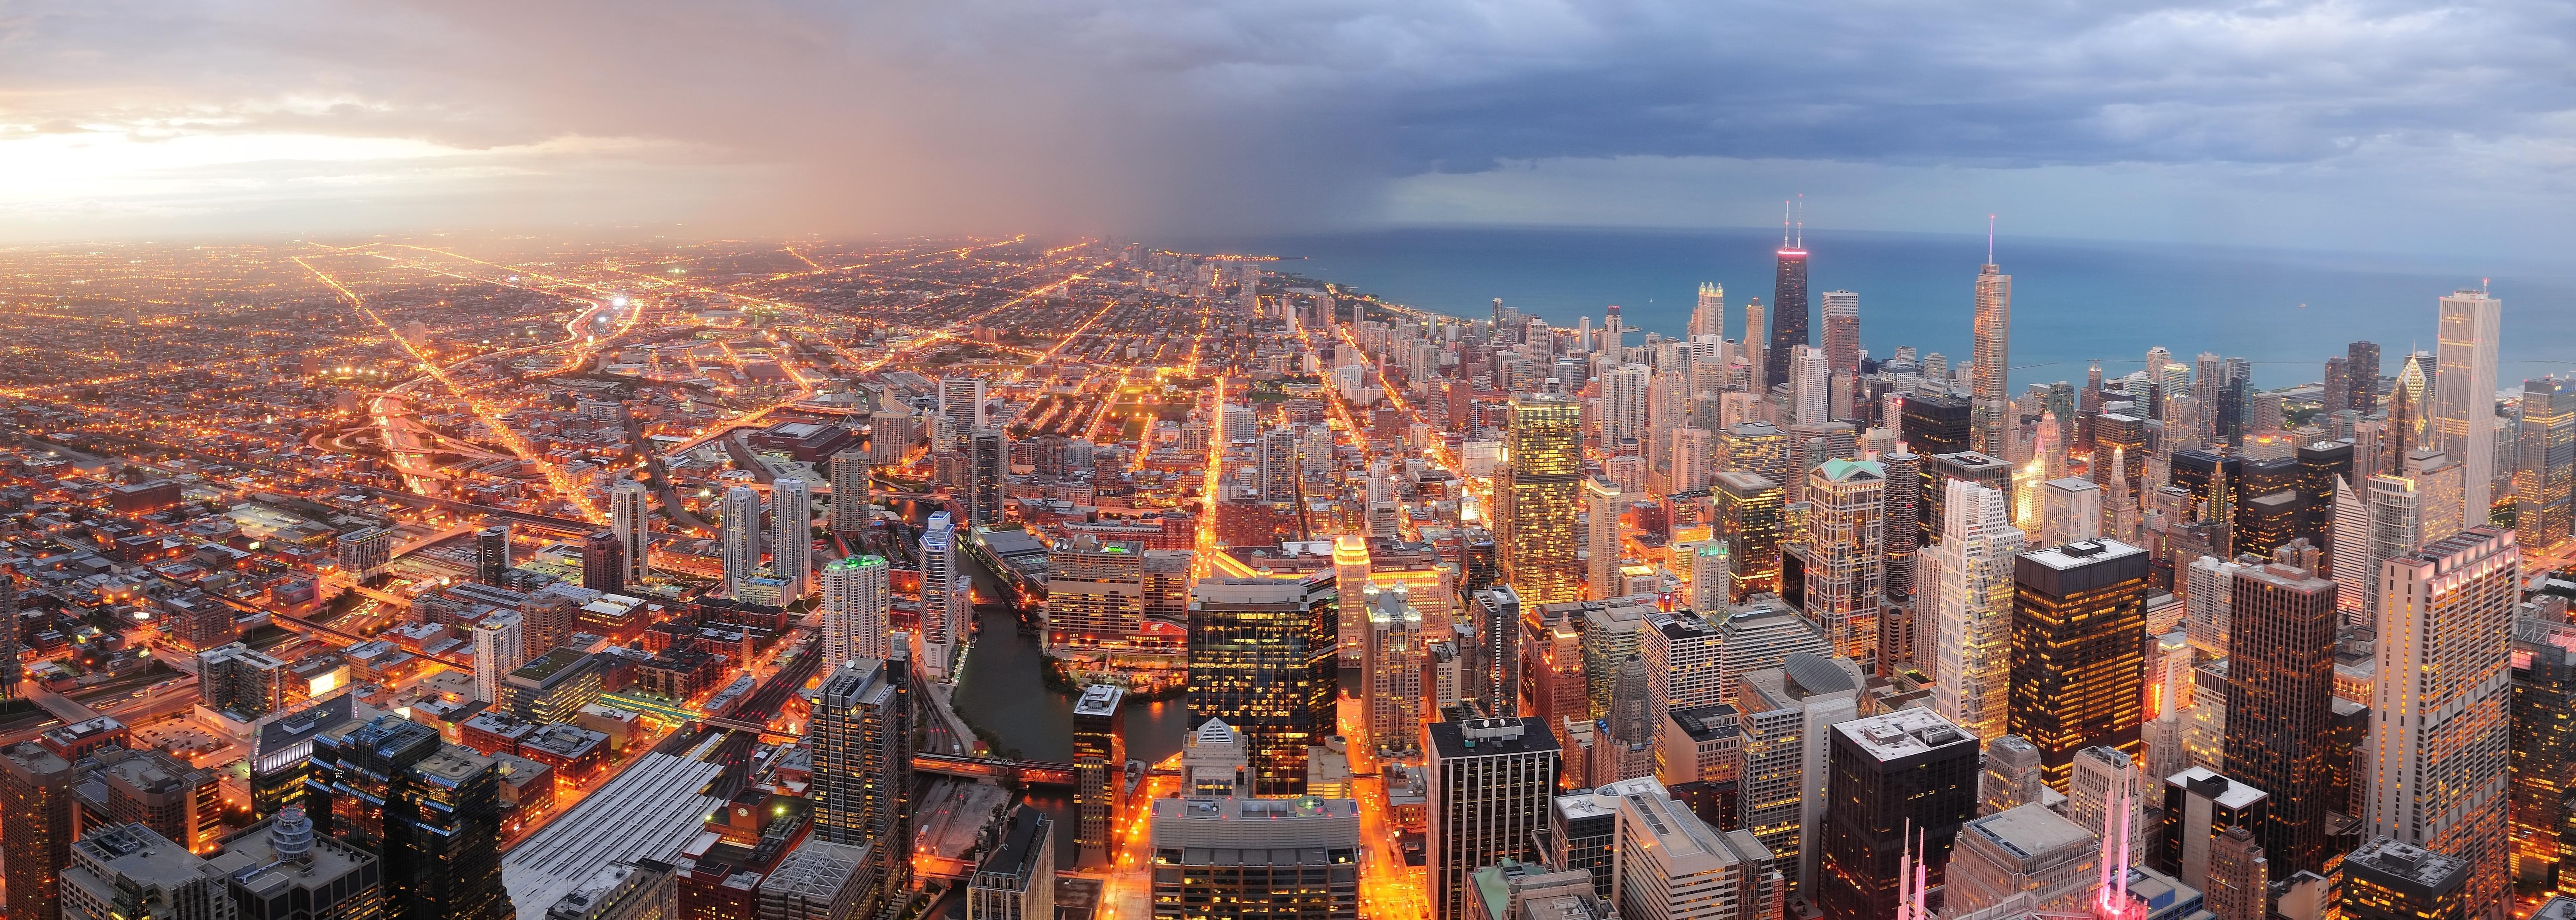 Neighborhood in Chicago